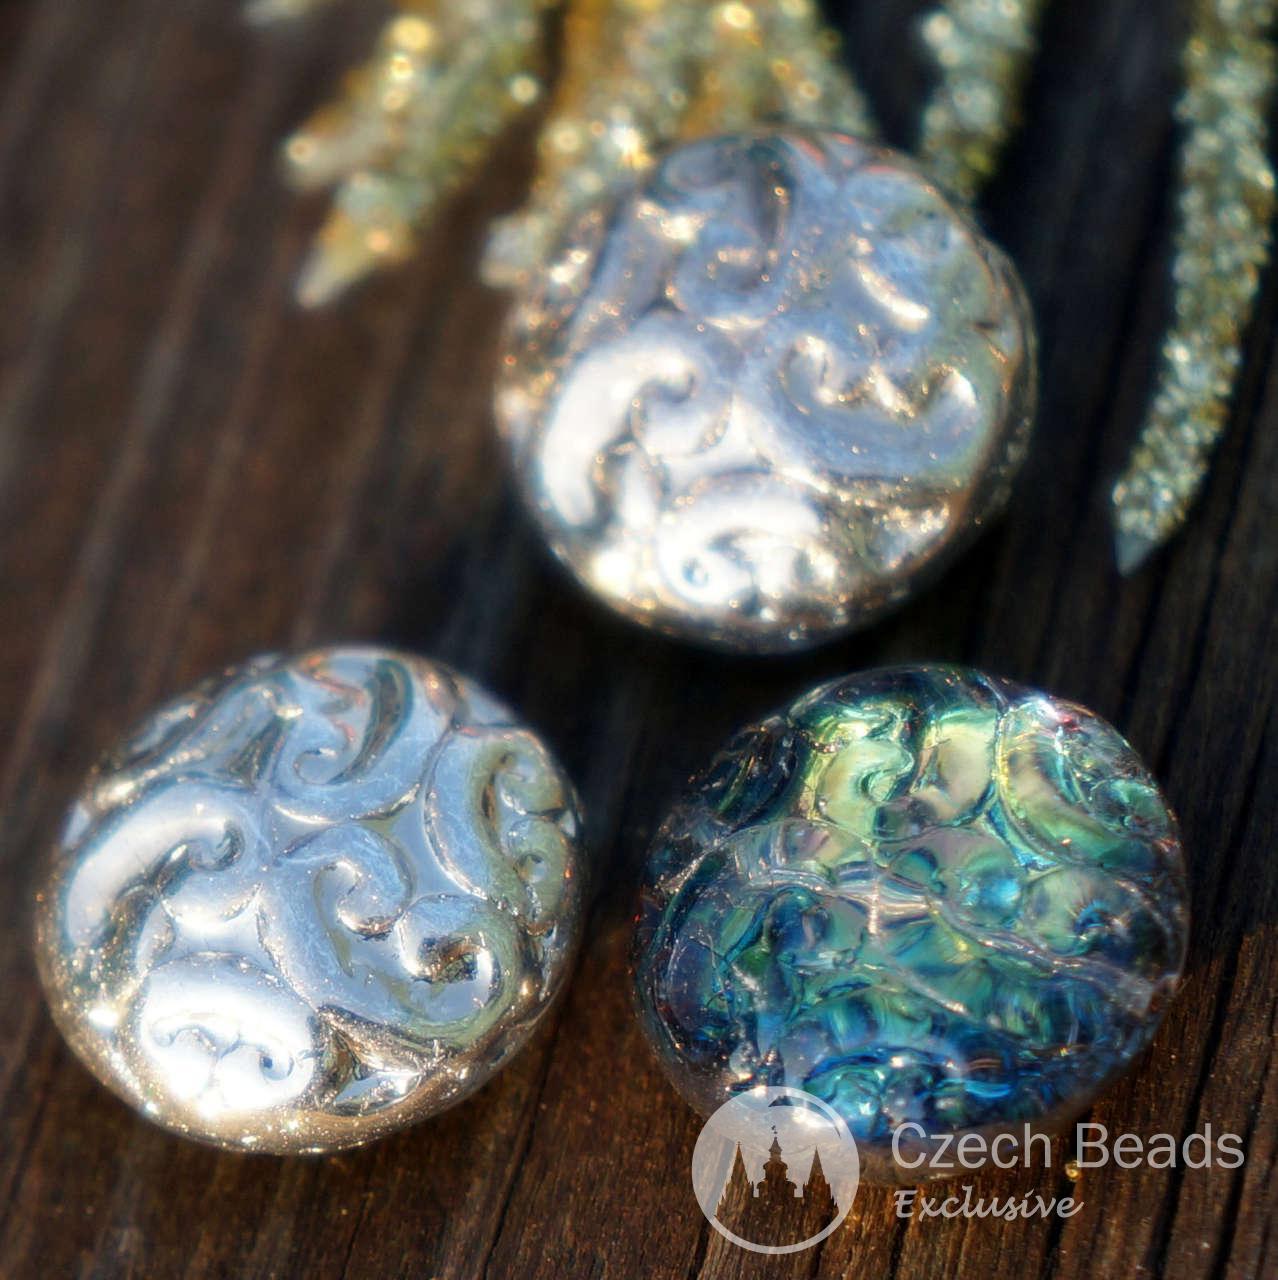 Silber Grün Tschechische Glas, Flache Runde Geschnitzt Münze Perlen Tablet-Form böhmischen 13mm 10er für $ 2.42 von Czech Beads Exclusive